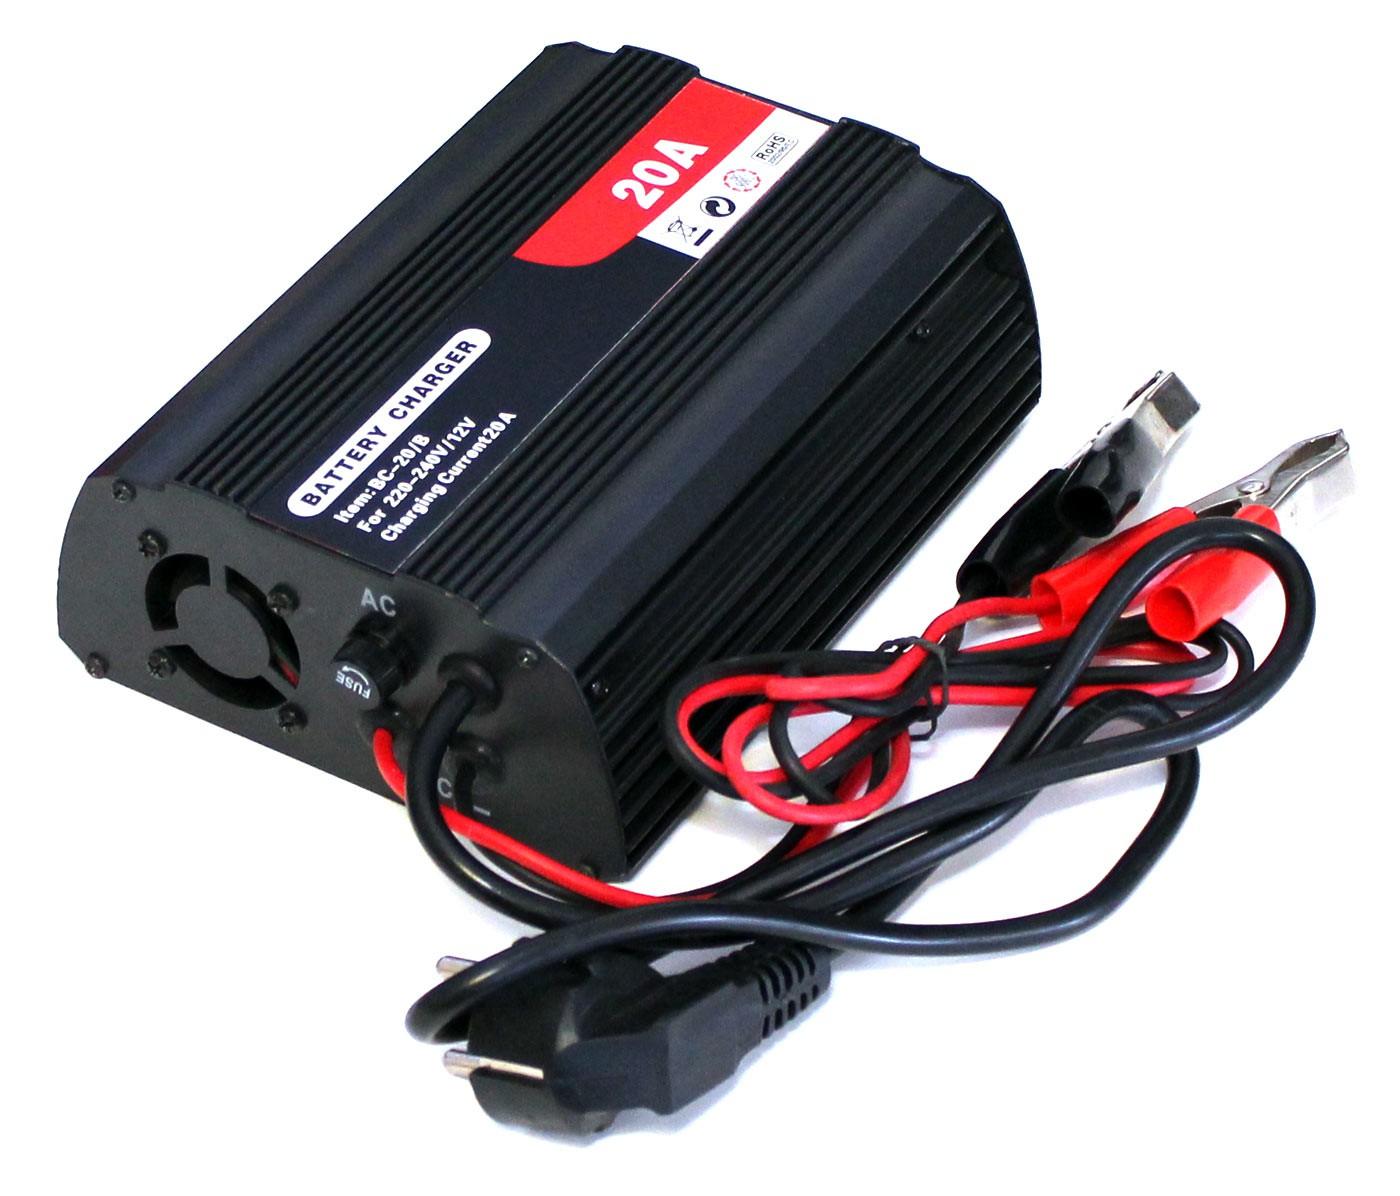 kfz batterie ladeger t 20a f r 12v batterien bc 20 b 10746. Black Bedroom Furniture Sets. Home Design Ideas